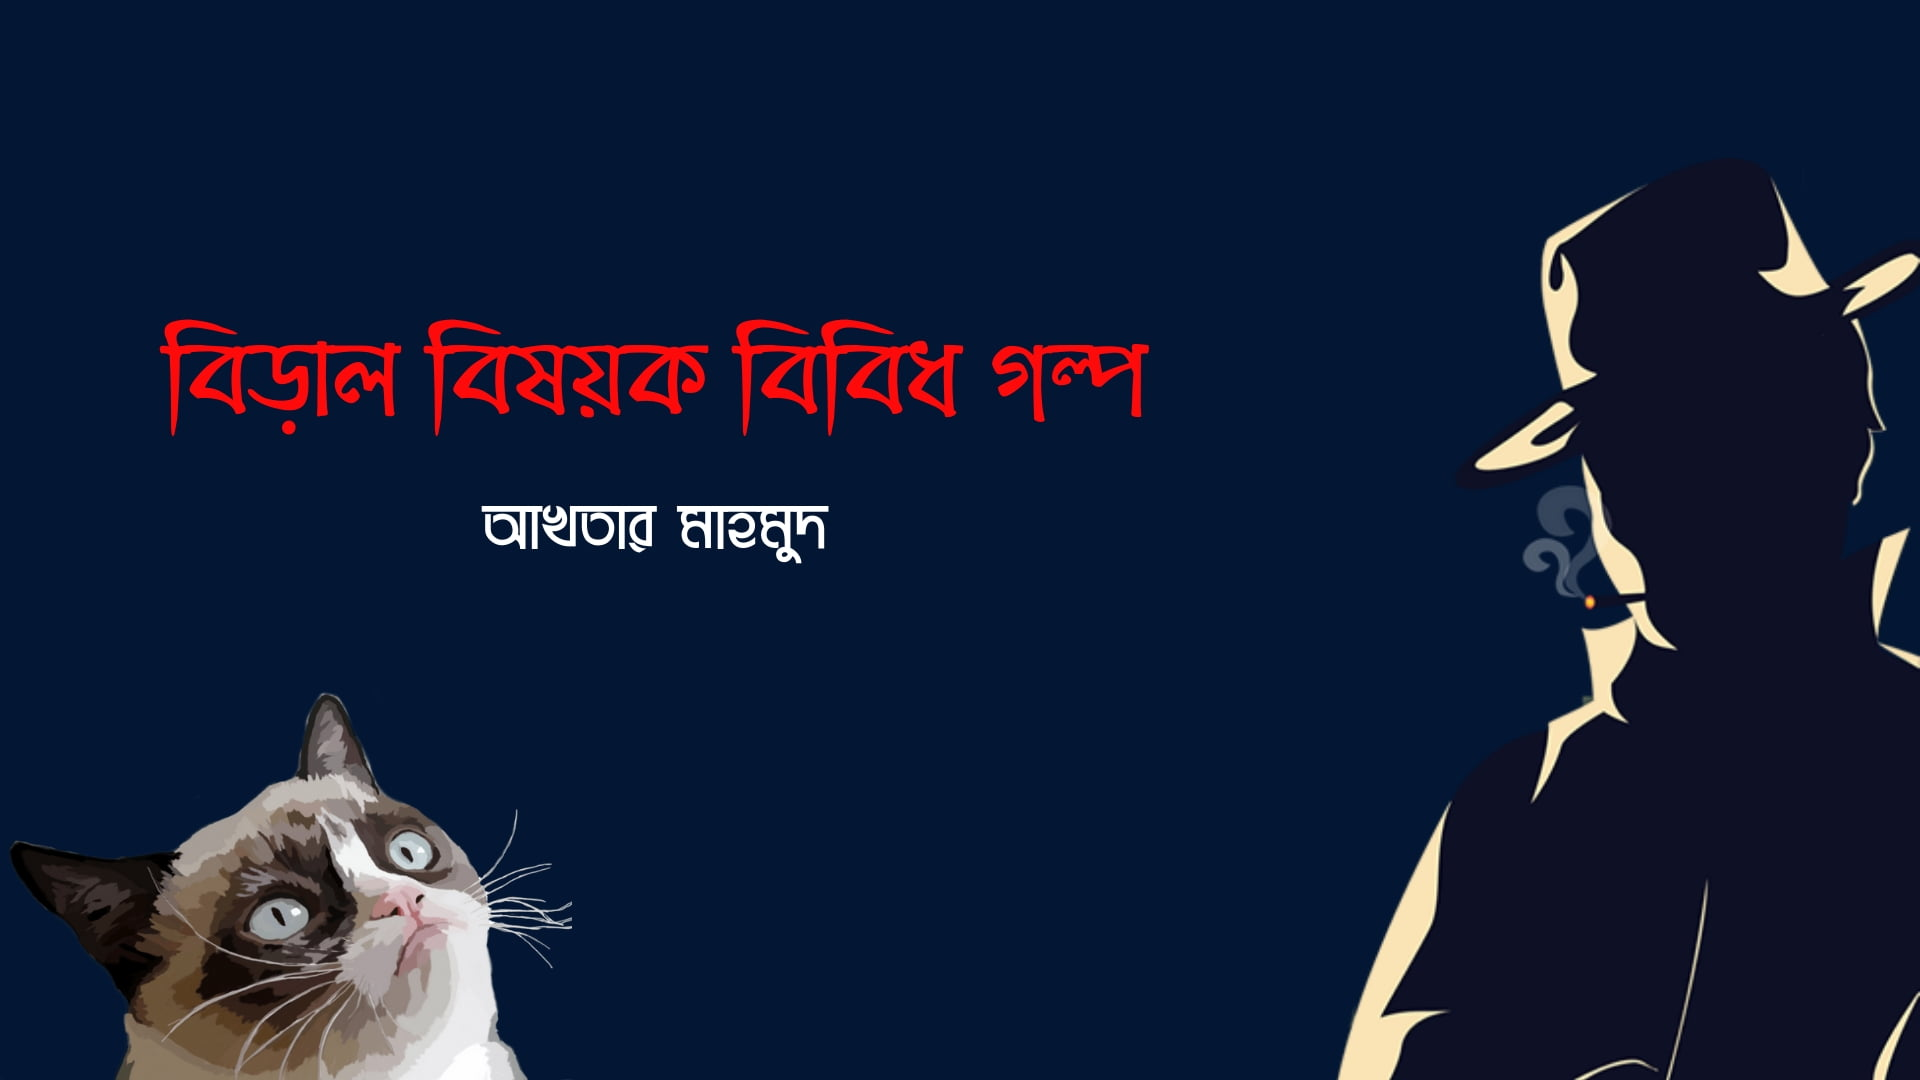 বাংলা ছোটগল্প